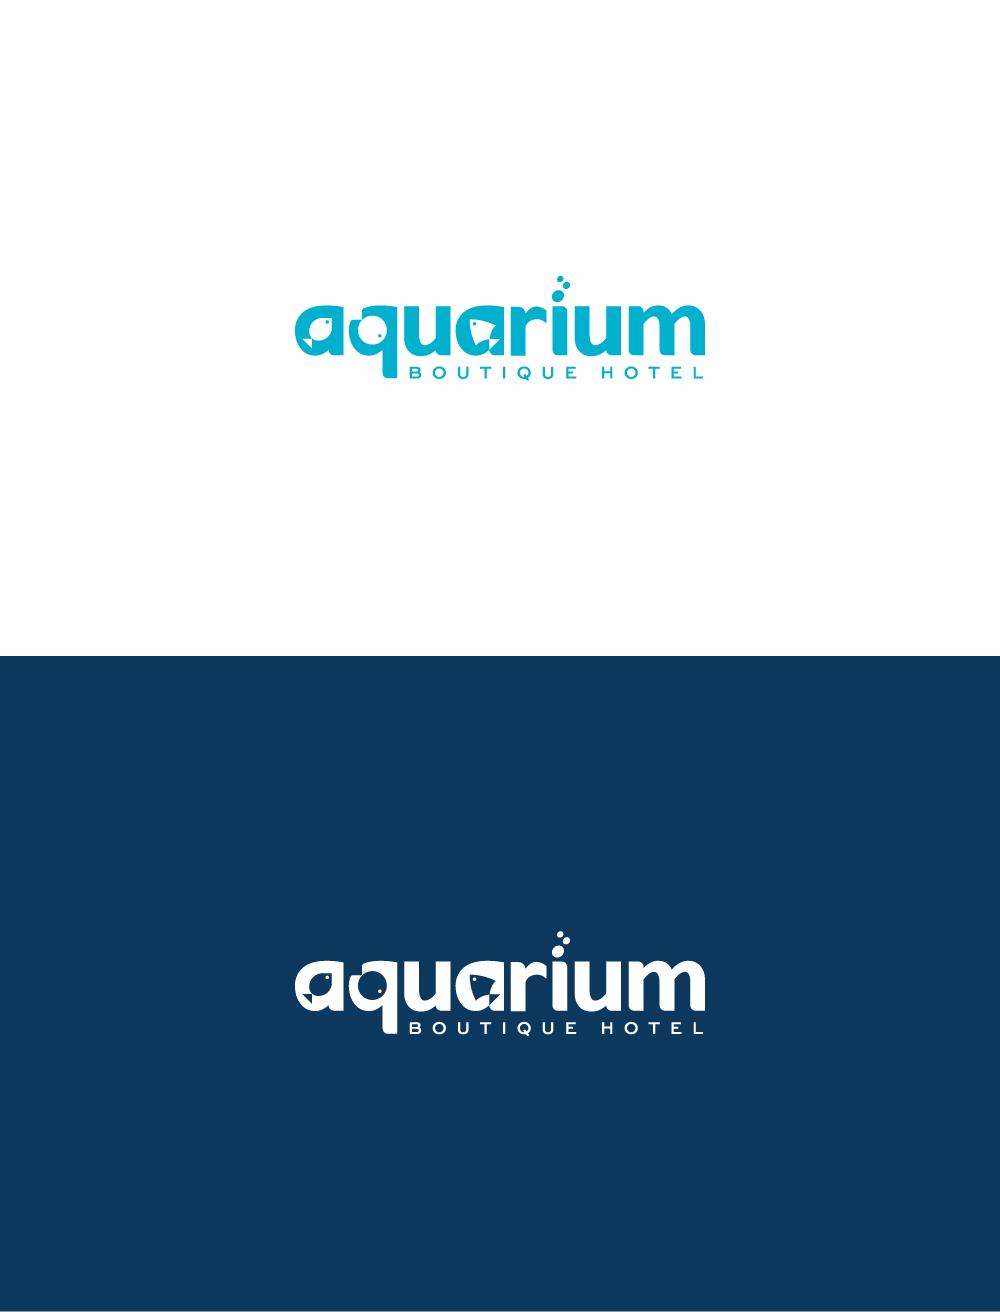 A aquarium dribbble attachment